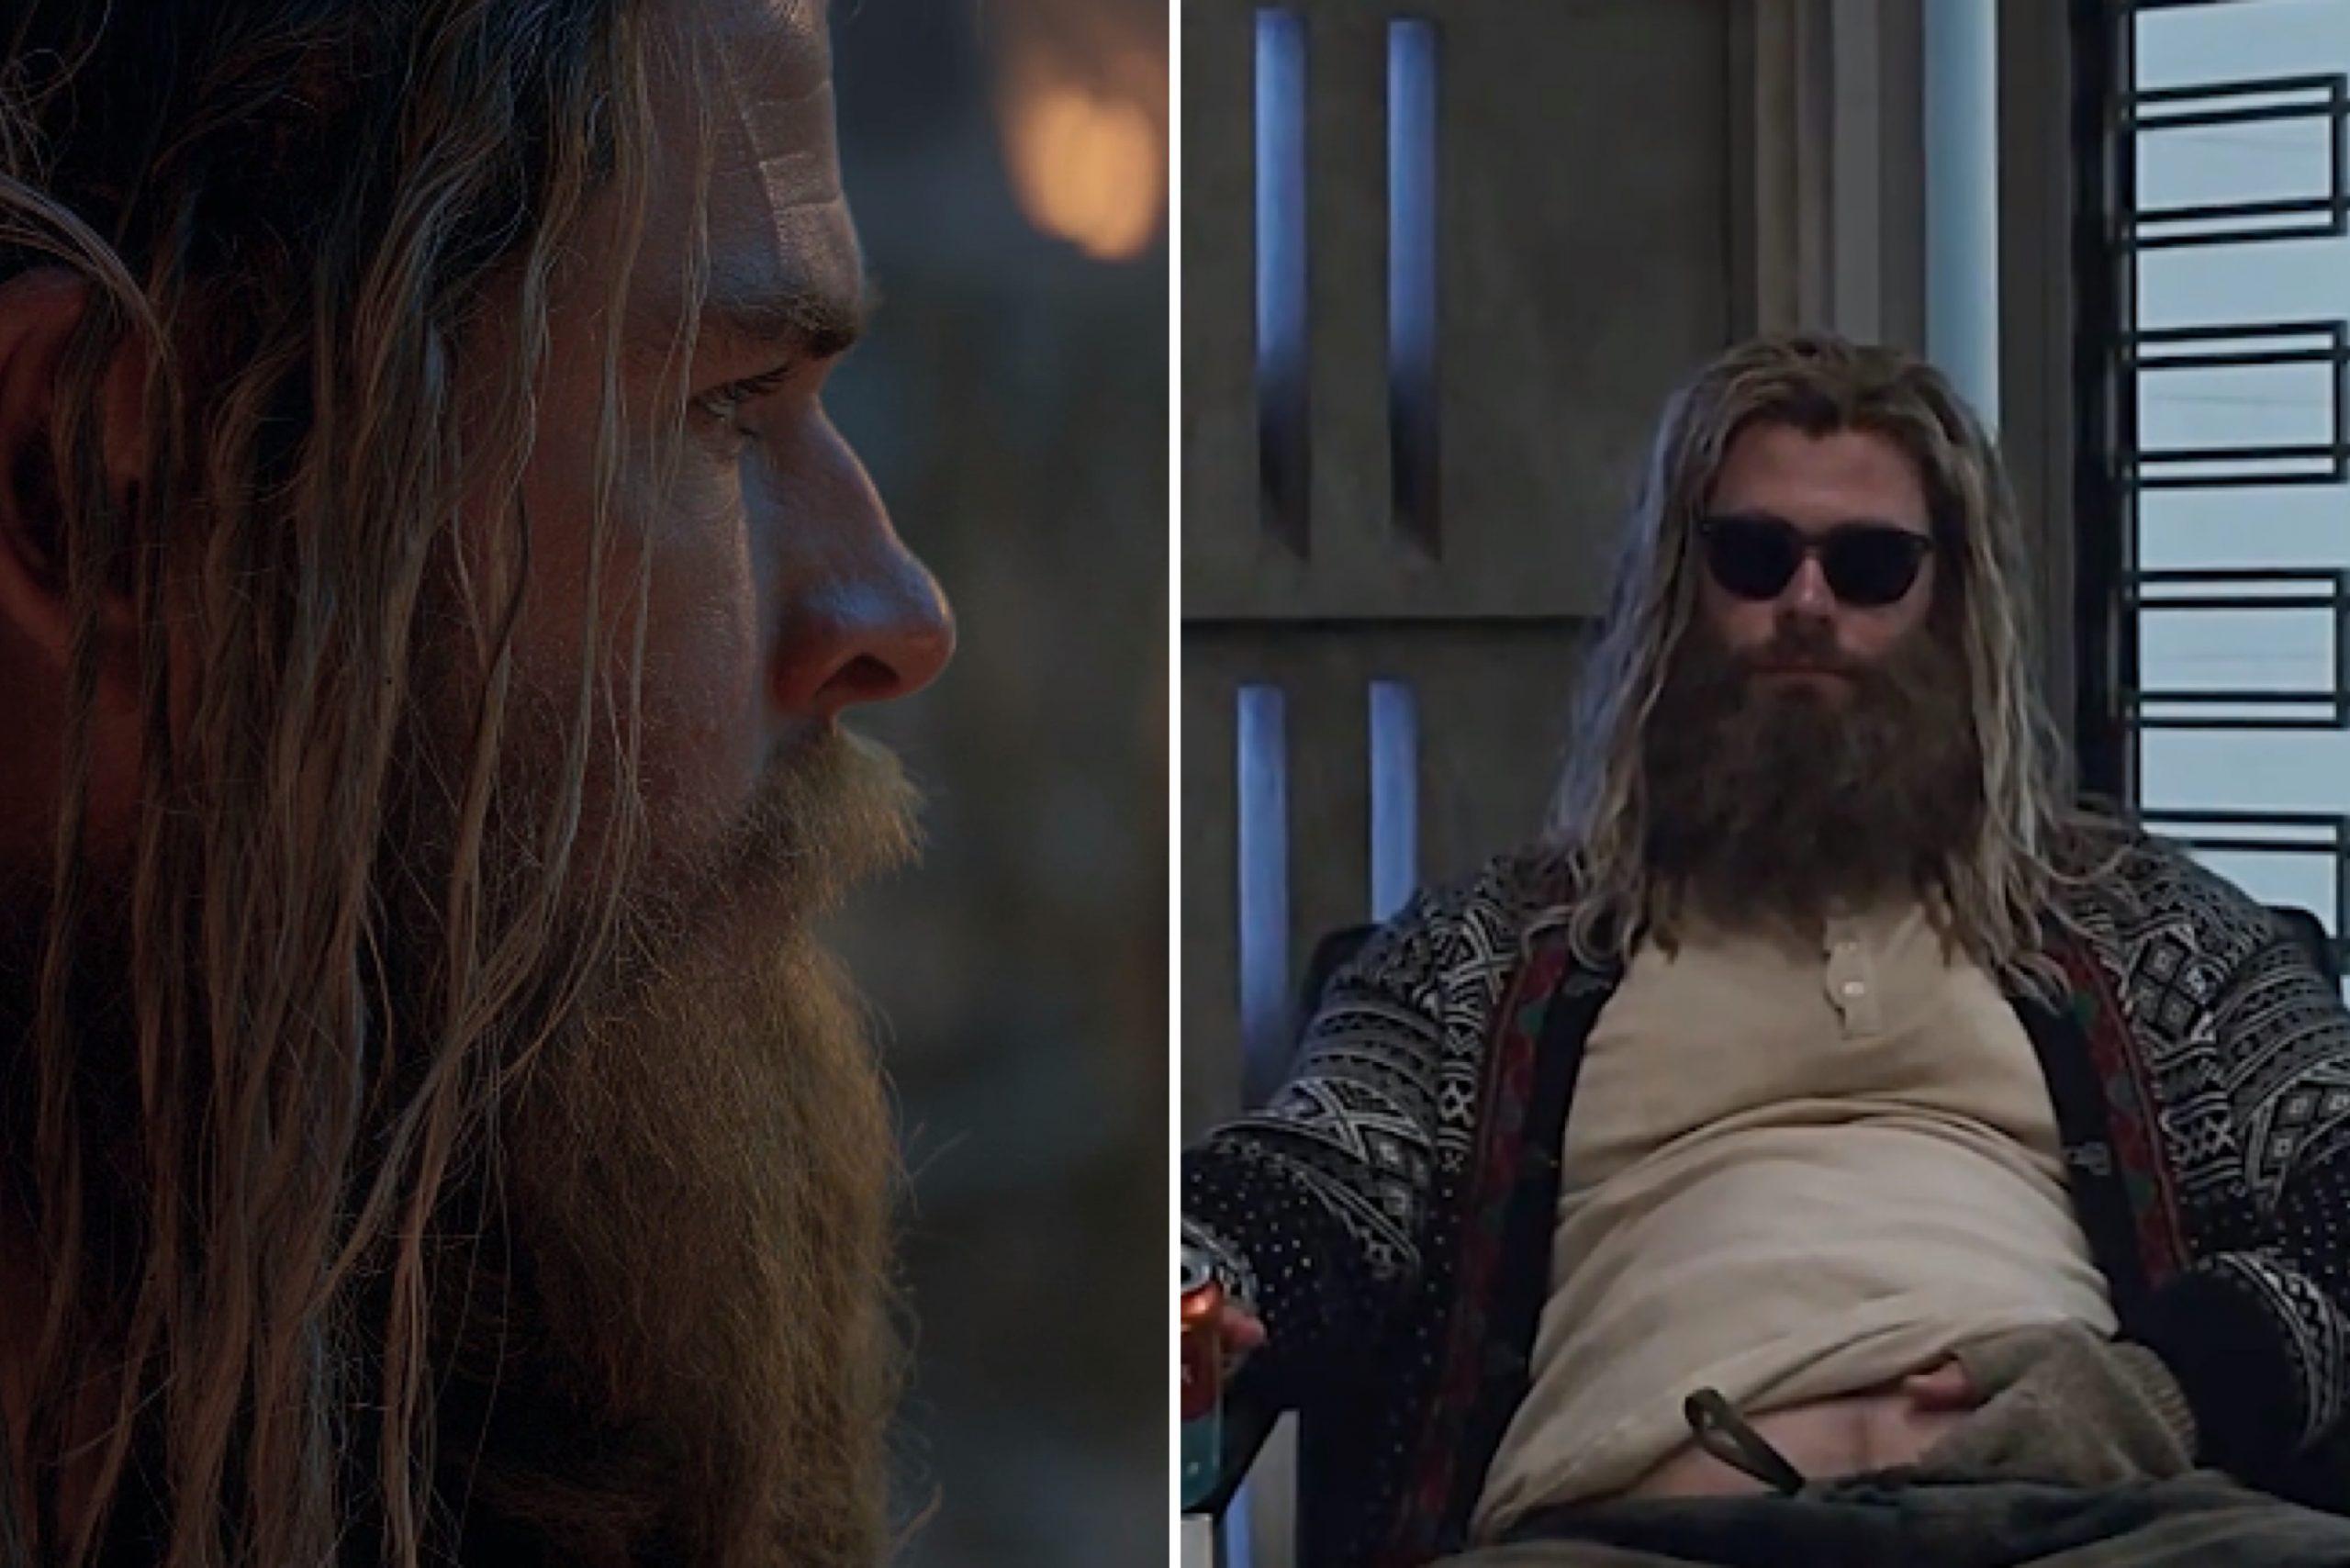 《復仇者聯盟4》為什麼漫威要將索爾變身為肥宅雷神?- 我們用電影寫日記